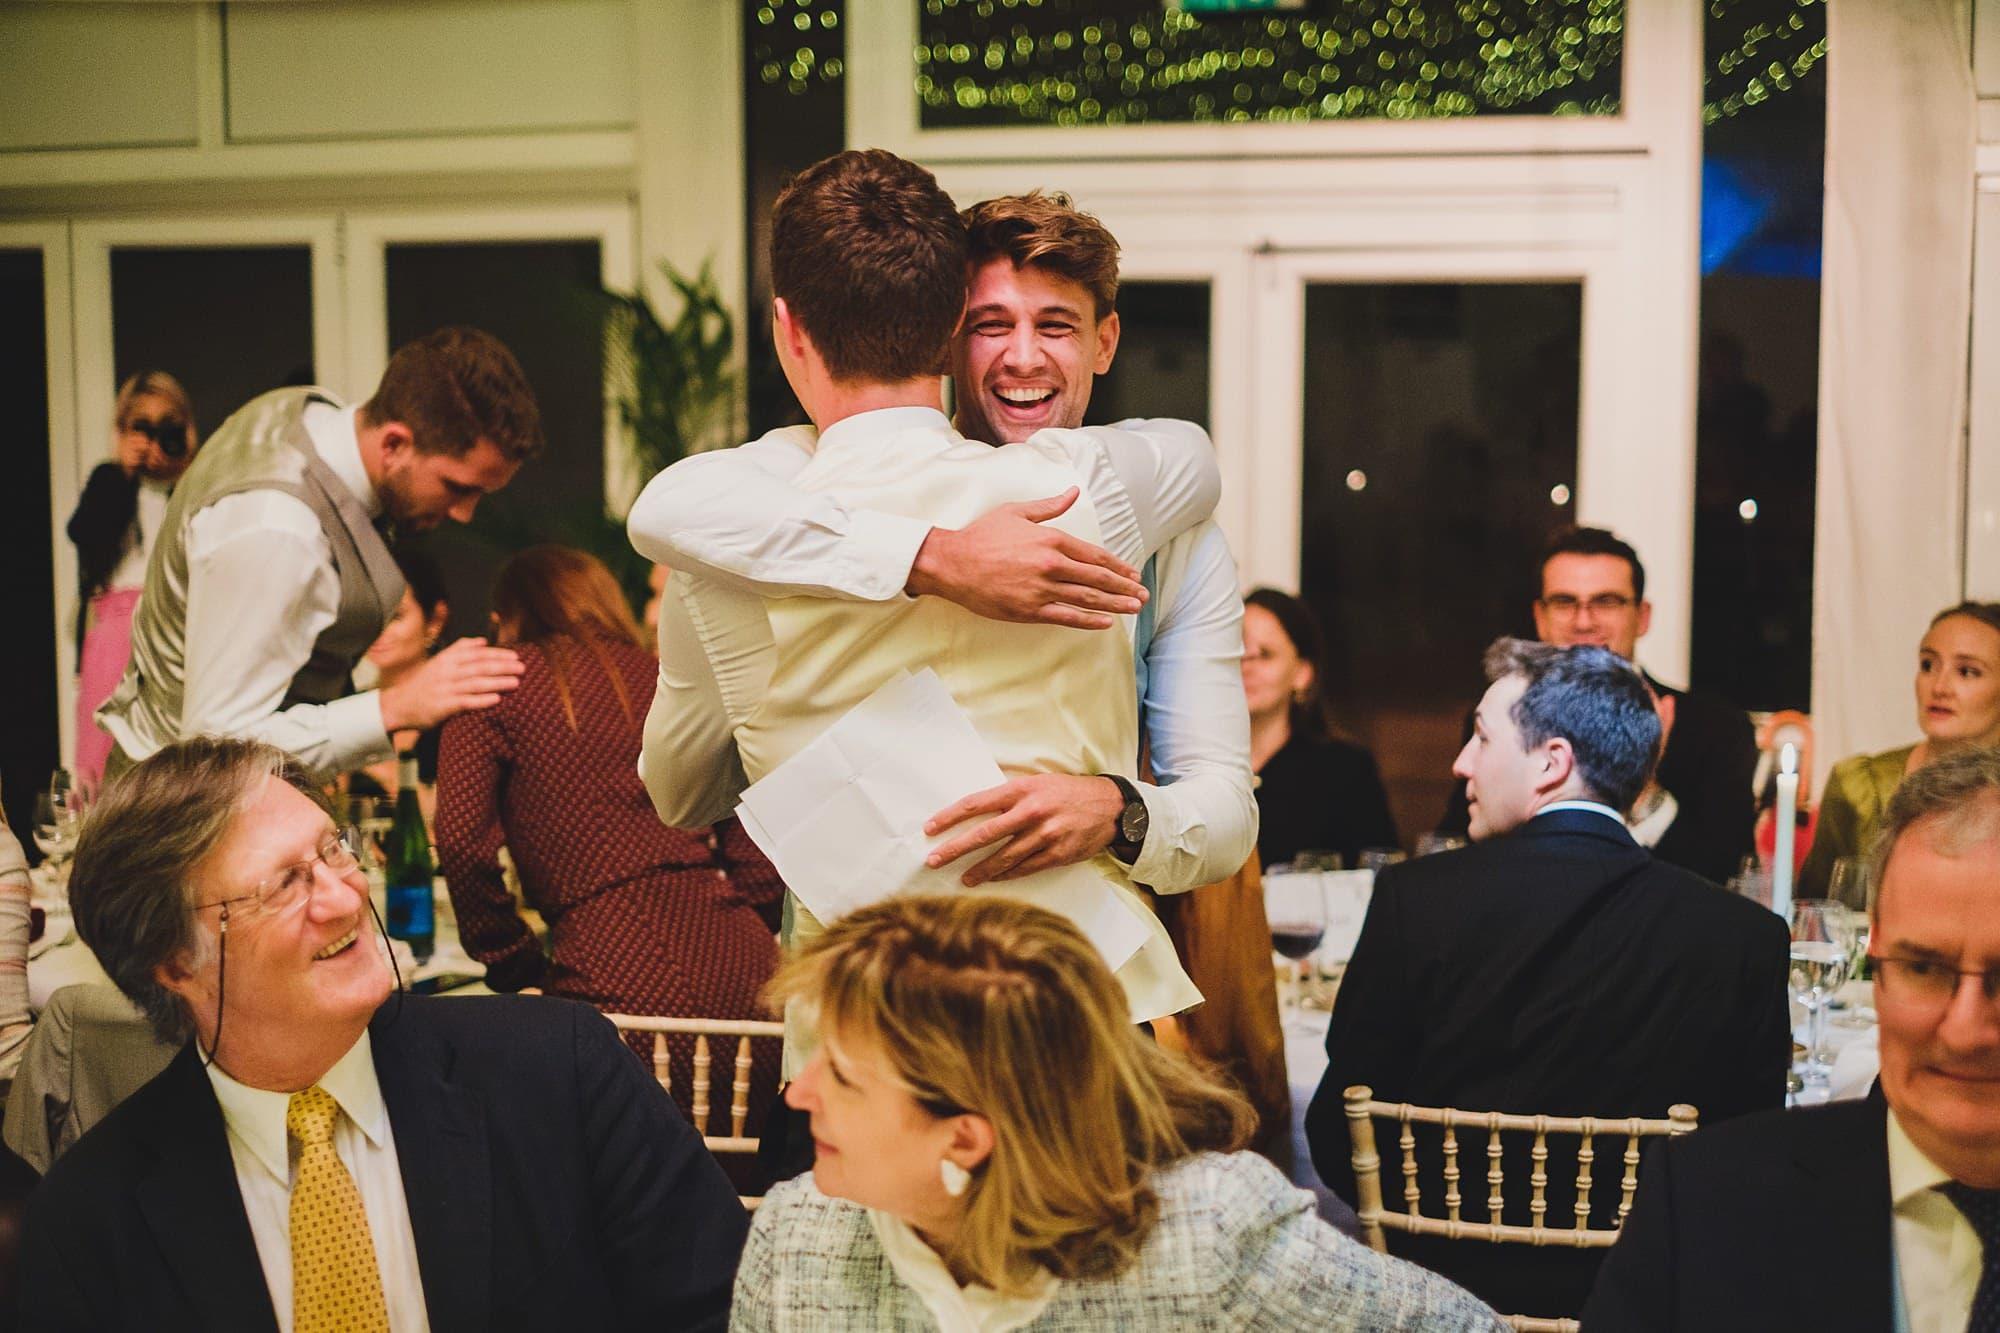 fulham palace wedding photographer ok 086 - Olivia + Kyle